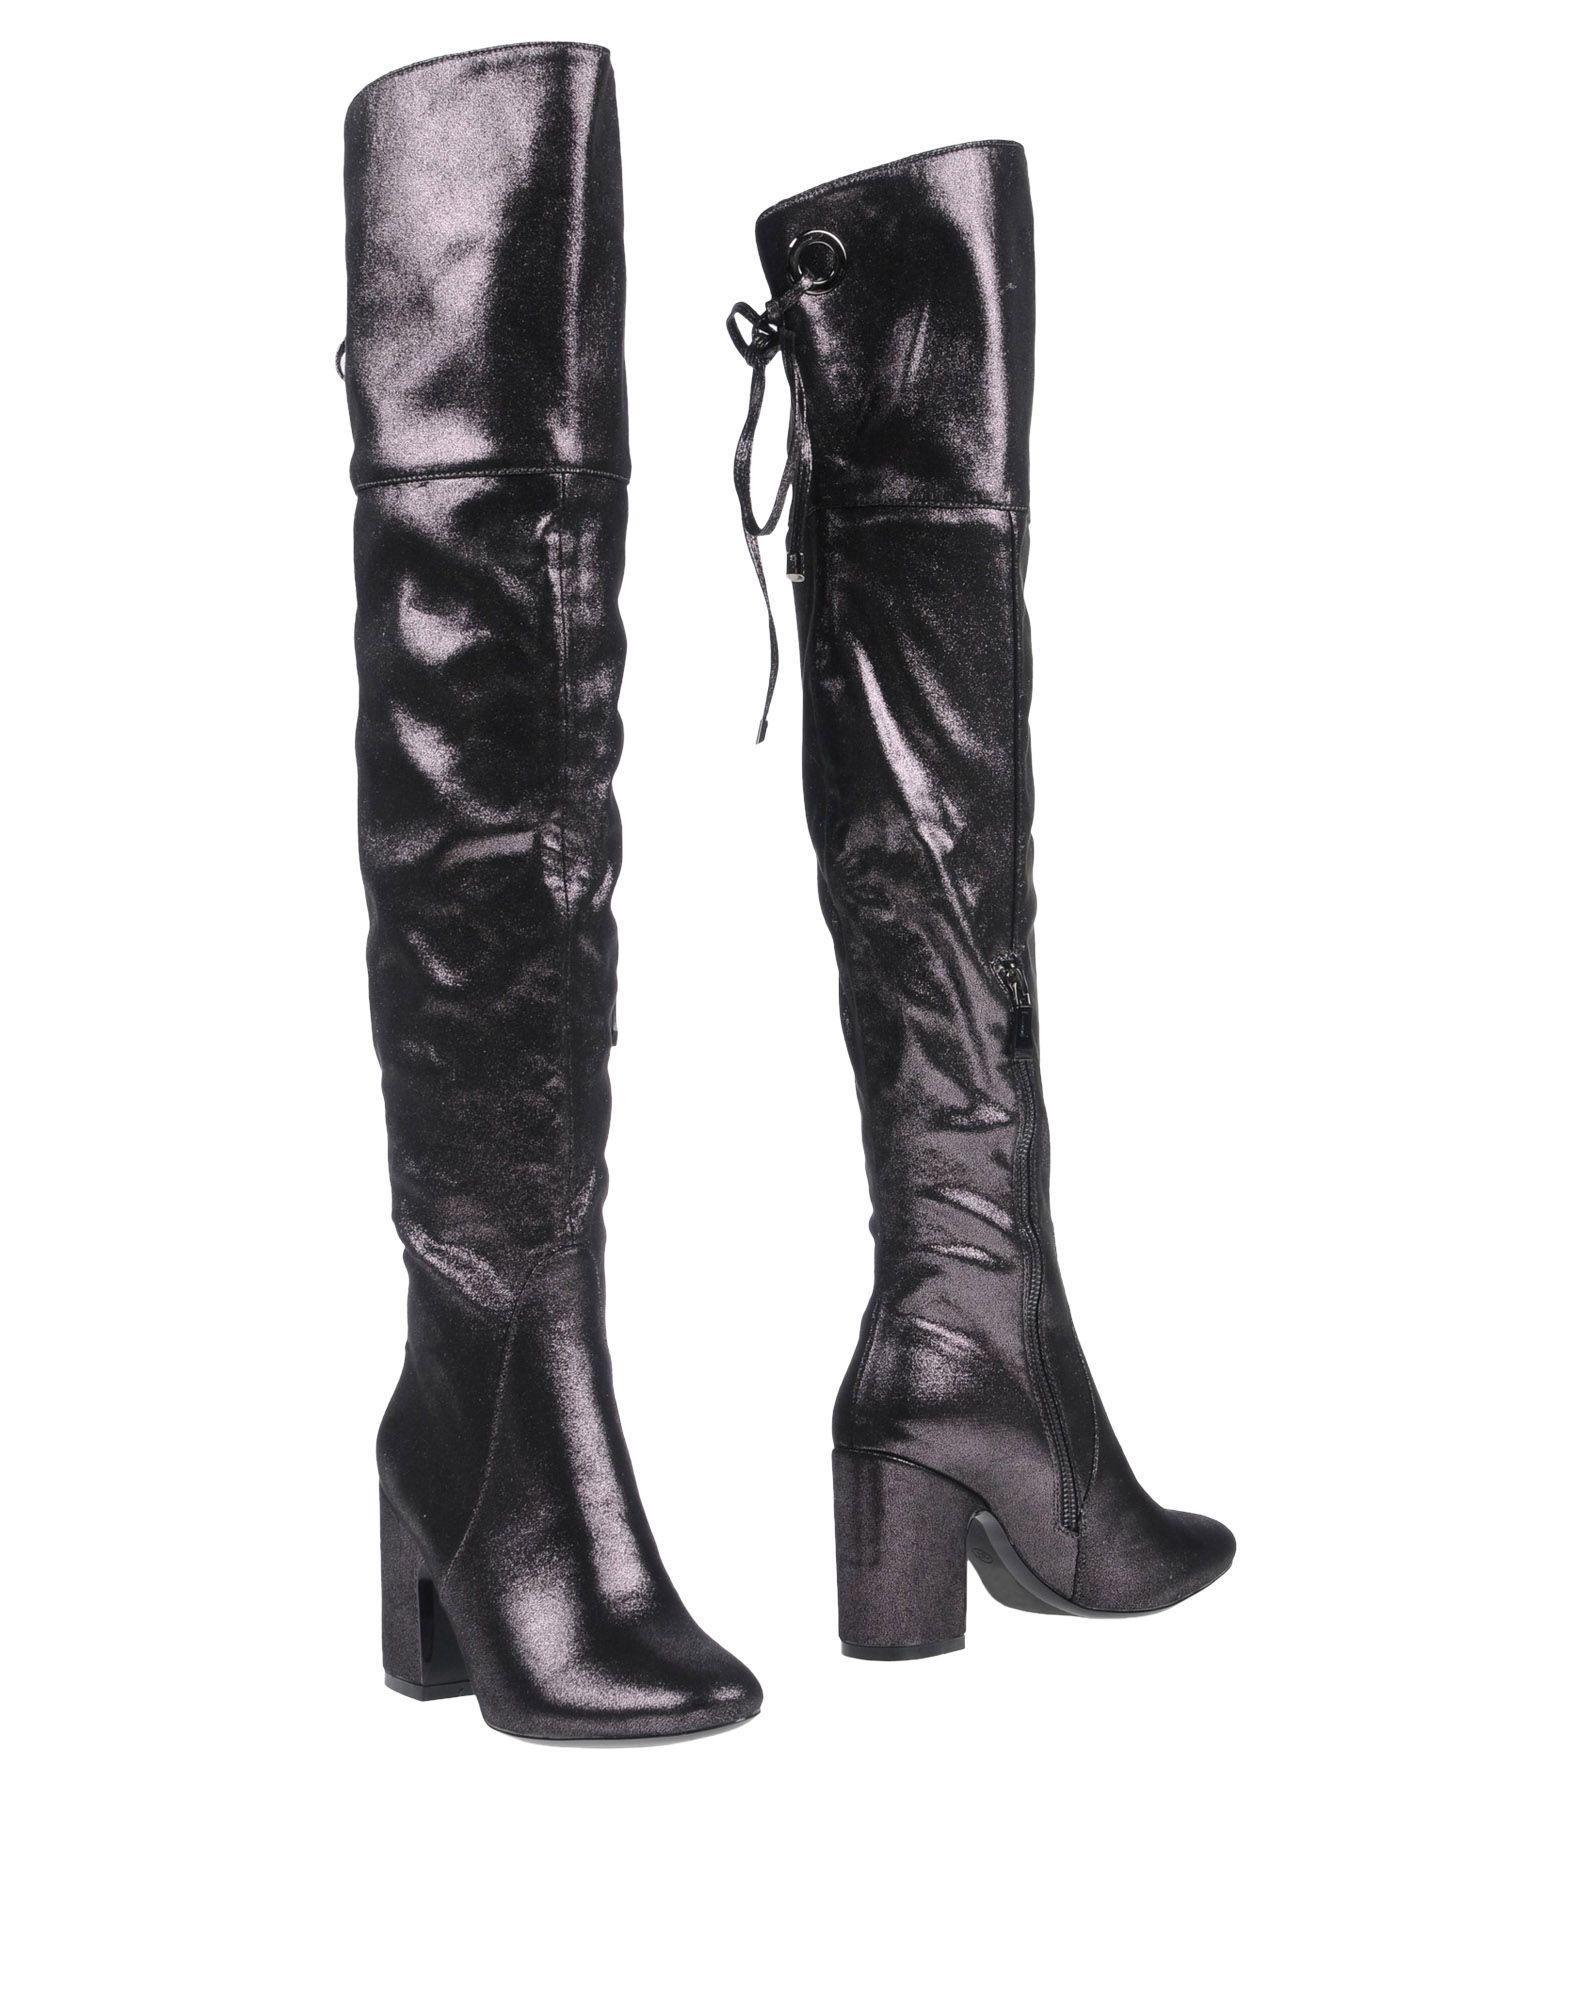 Ovye' By Cristina Lucchi Stiefel Damen  11456583QJ Gute Qualität beliebte Schuhe